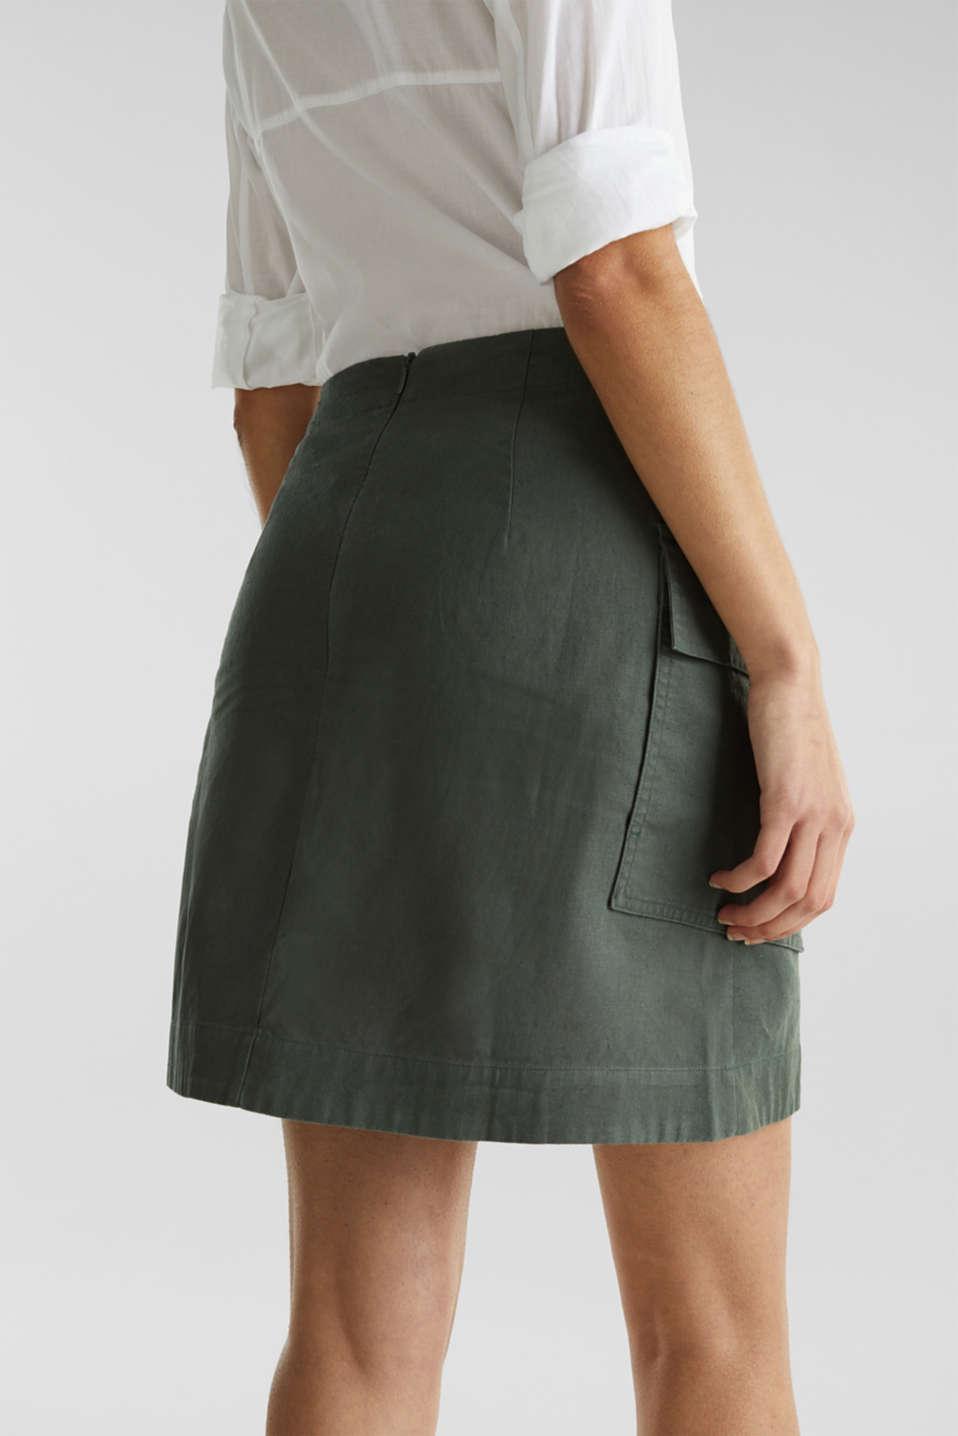 Cargo-style skirt in blended linen, KHAKI GREEN, detail image number 6